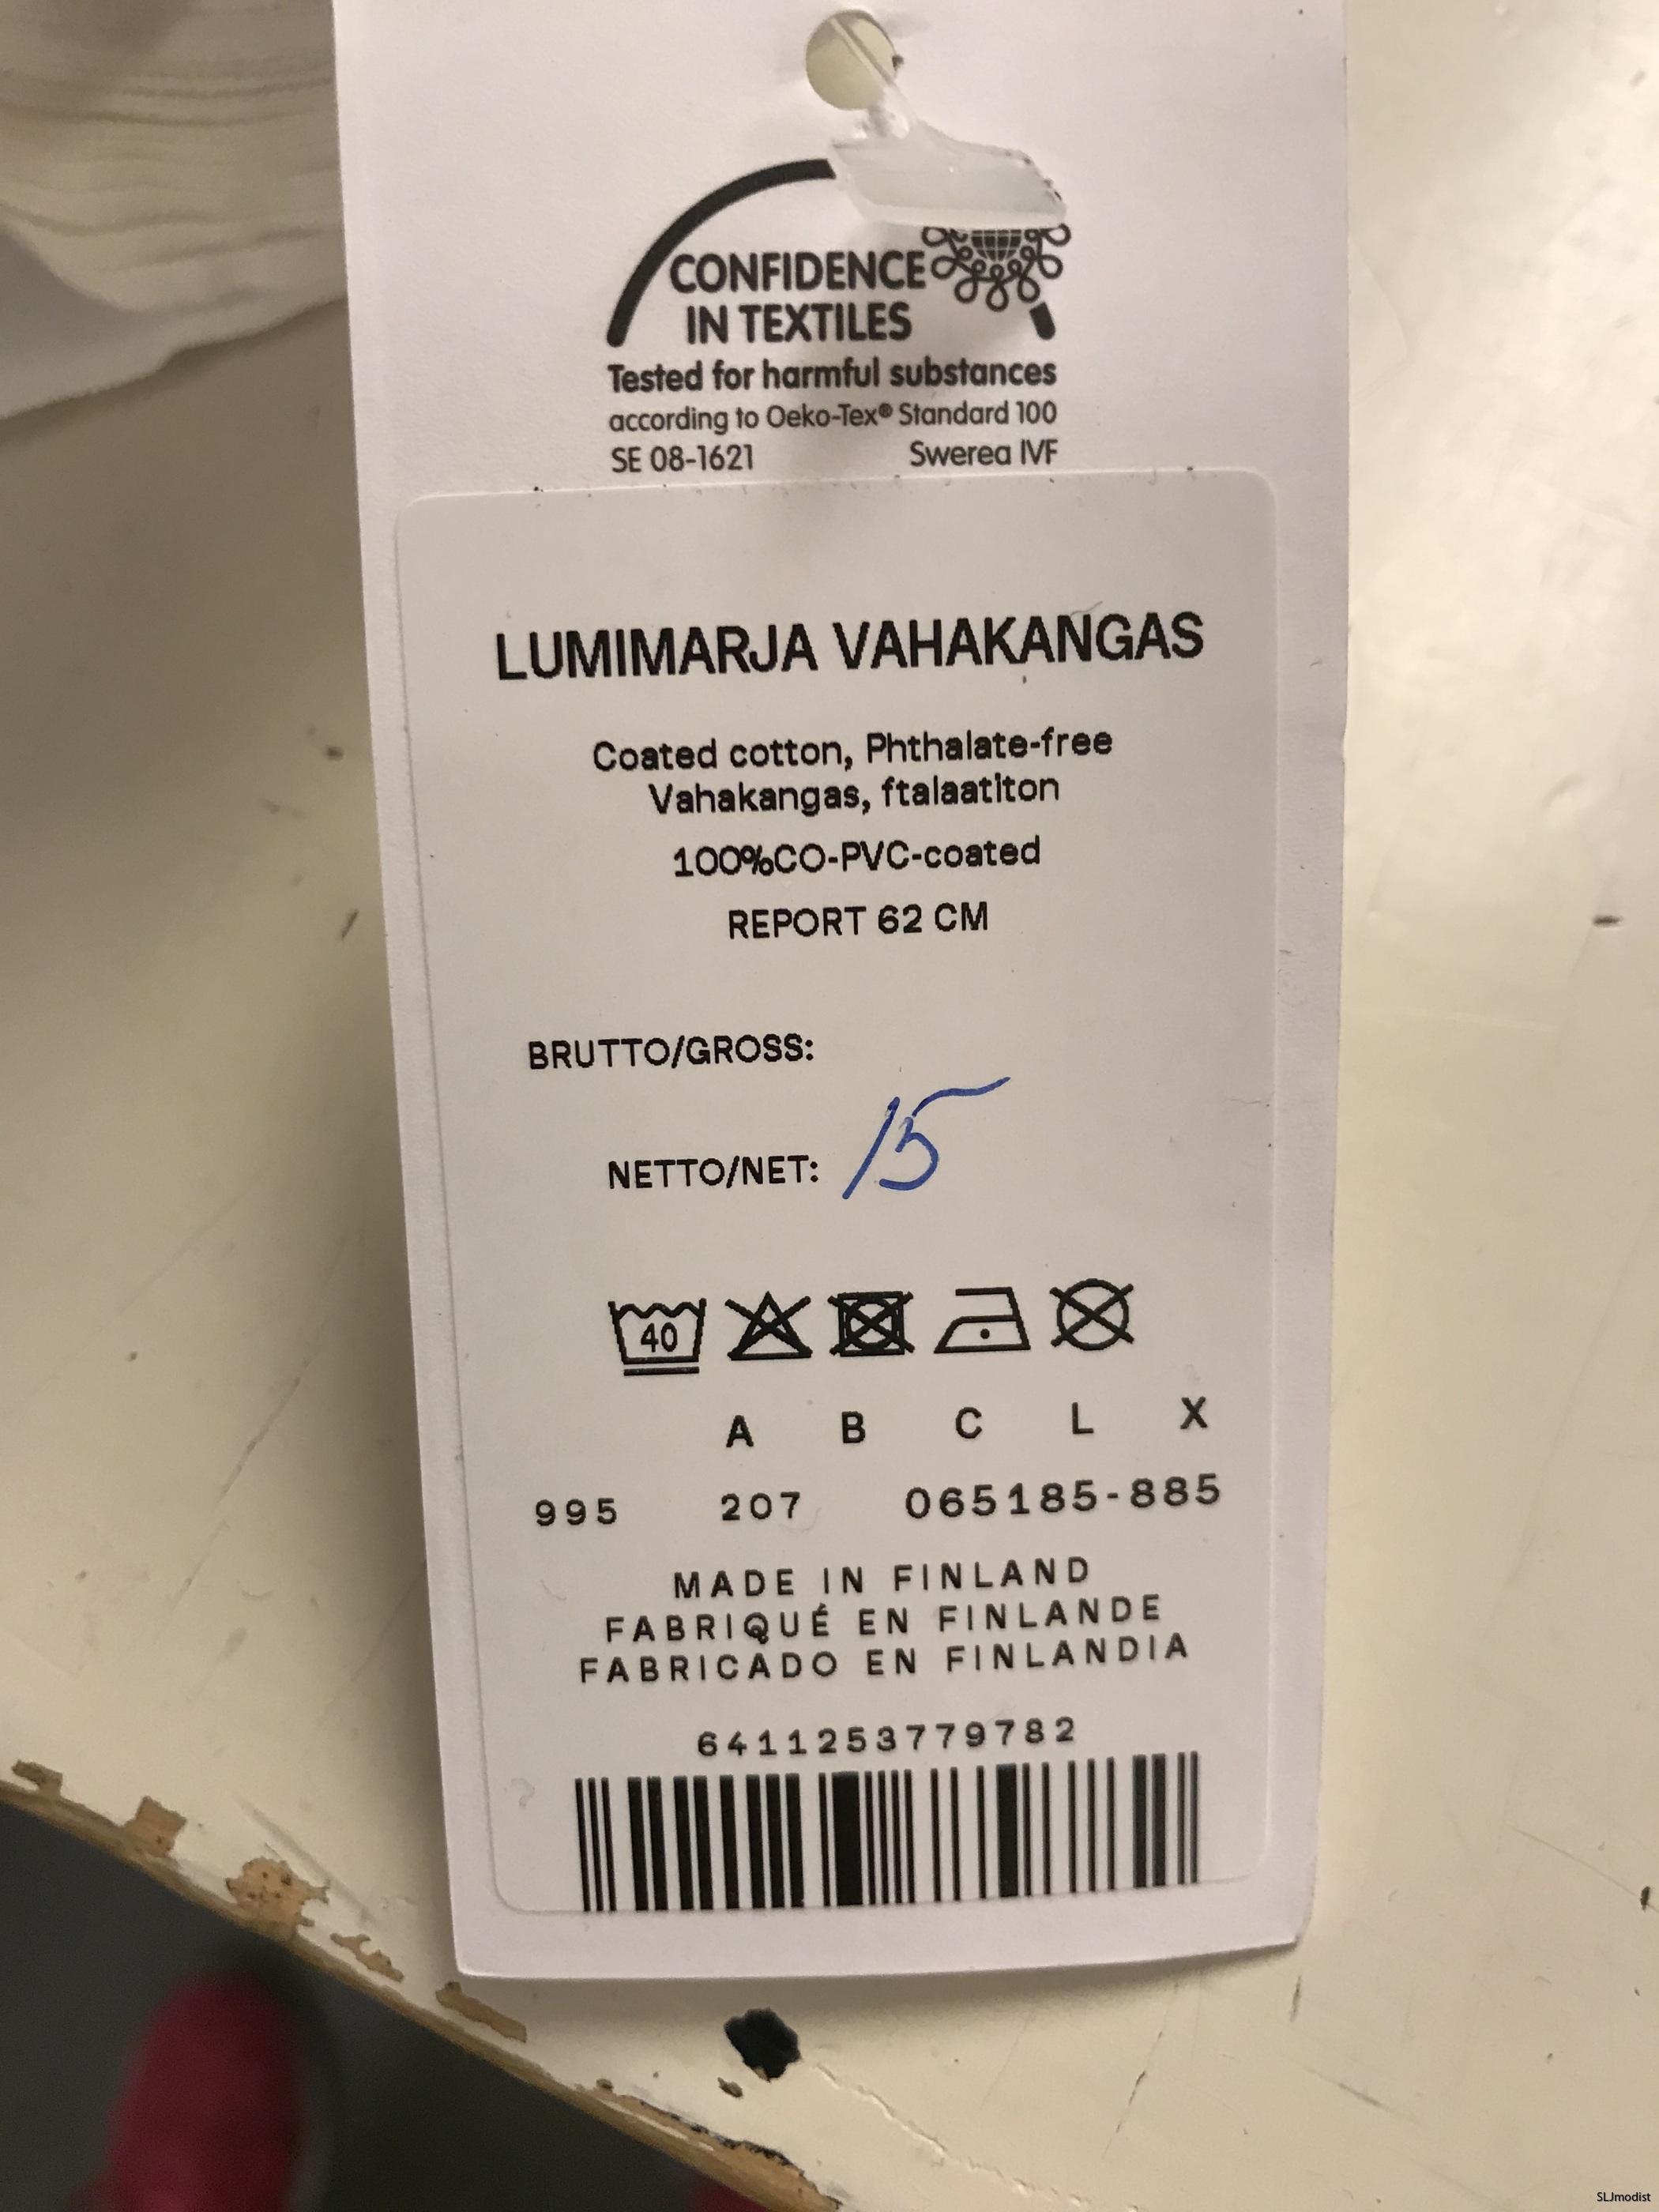 Skötselråd för Marimekkos vaxdukar